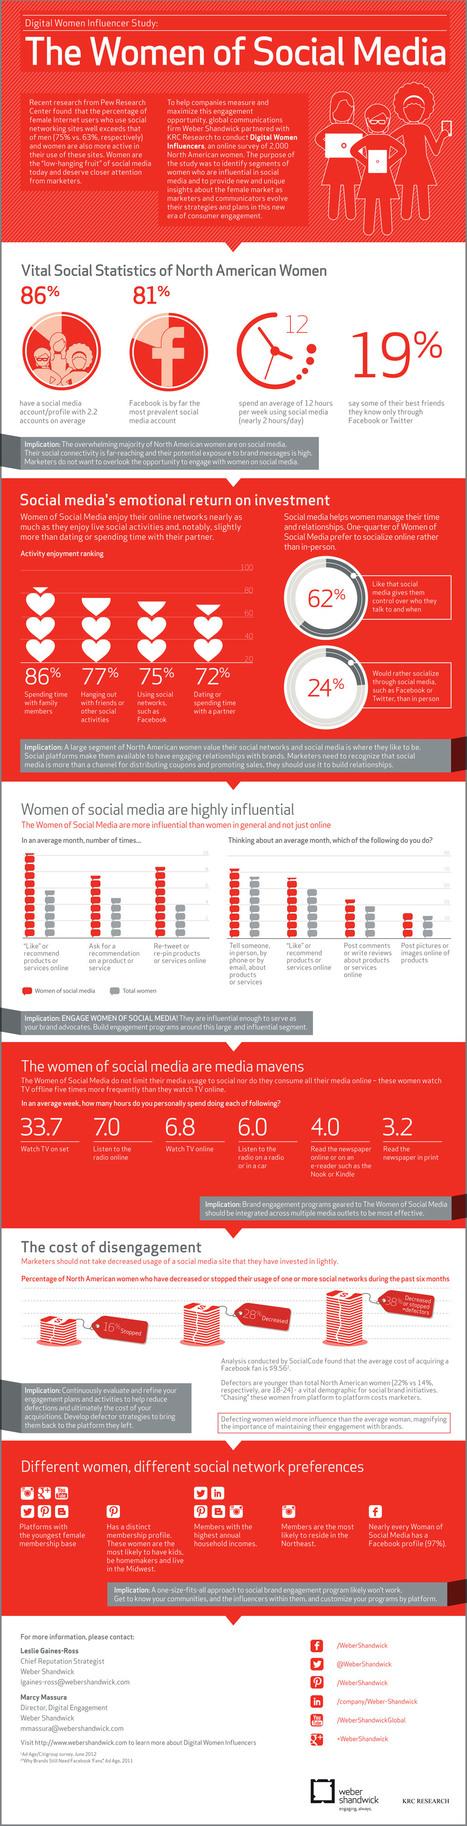 [Infographie] Les femmes sur les médias sociaux et leur influence | Social Media Curation par Mon Habitat Web | Scoop.it